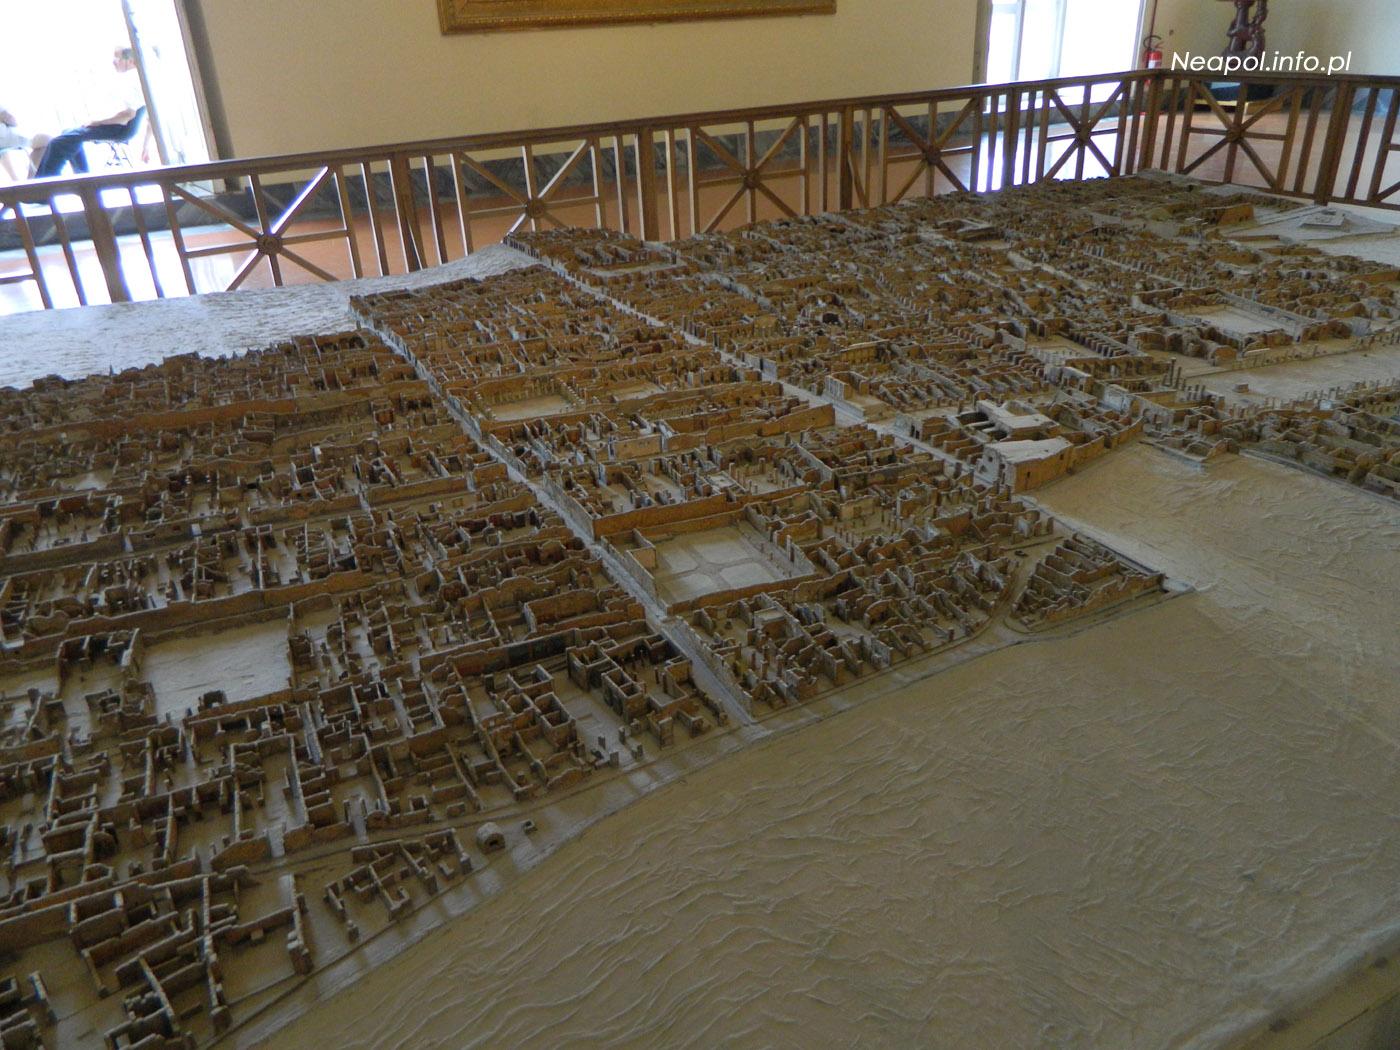 Muzeum Archeologiczne w Neapolu - makieta Pompei